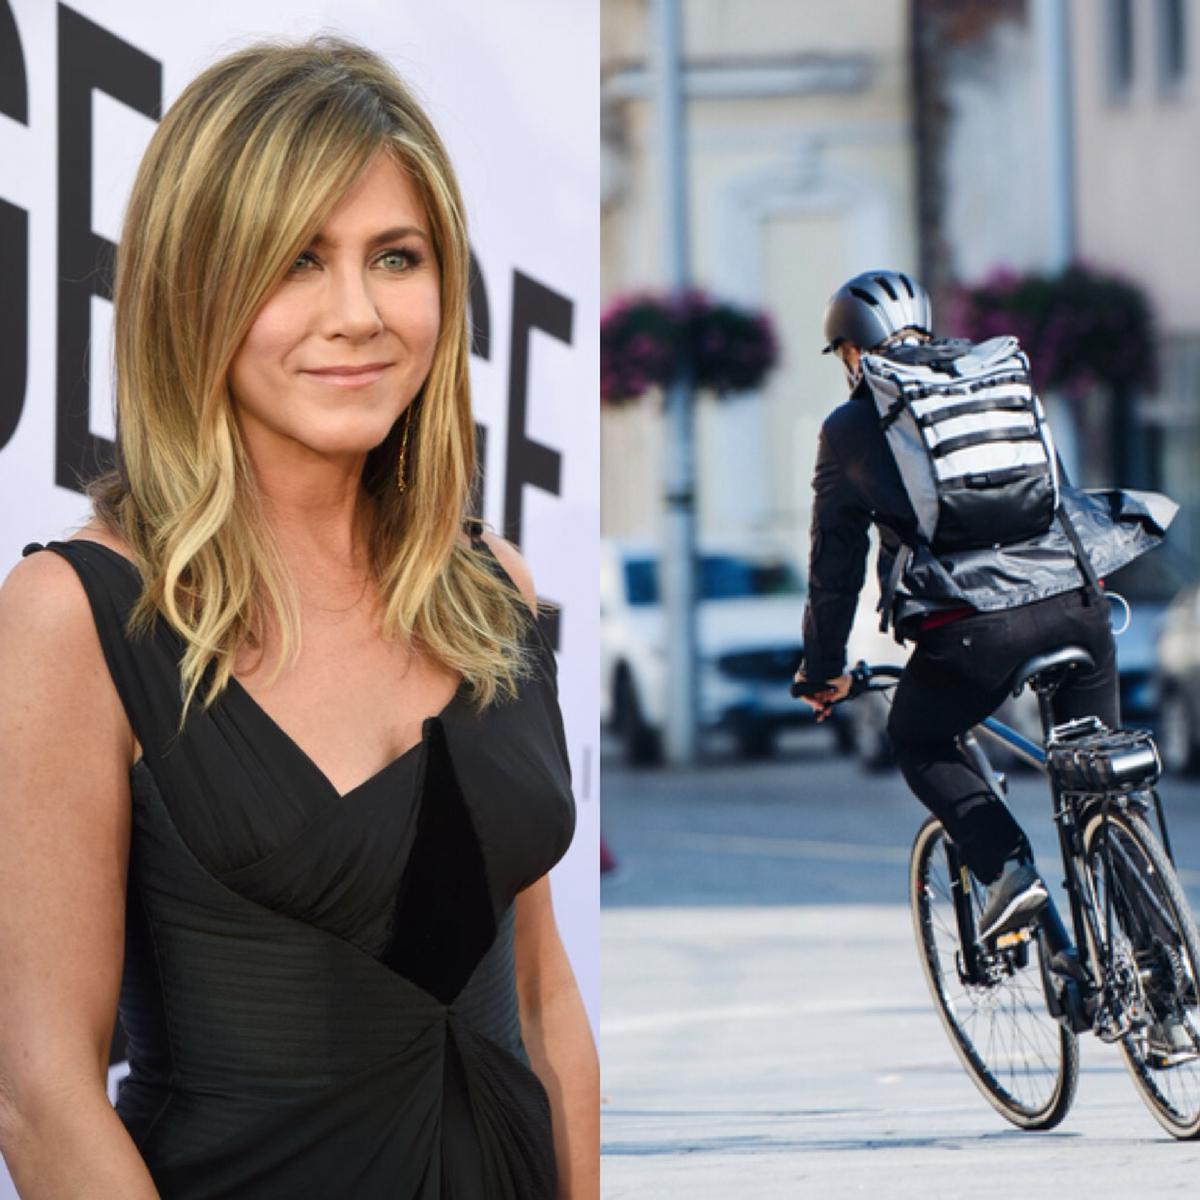 ニューヨークでバイクメッセンジャーをしていたという意外な過去をもつジェニファー・アニストン(50)。ドラマ『フレンズ』のレイチェル役からは想像できない体を張った仕事に、下積み時代の大変さが伝わってくる?